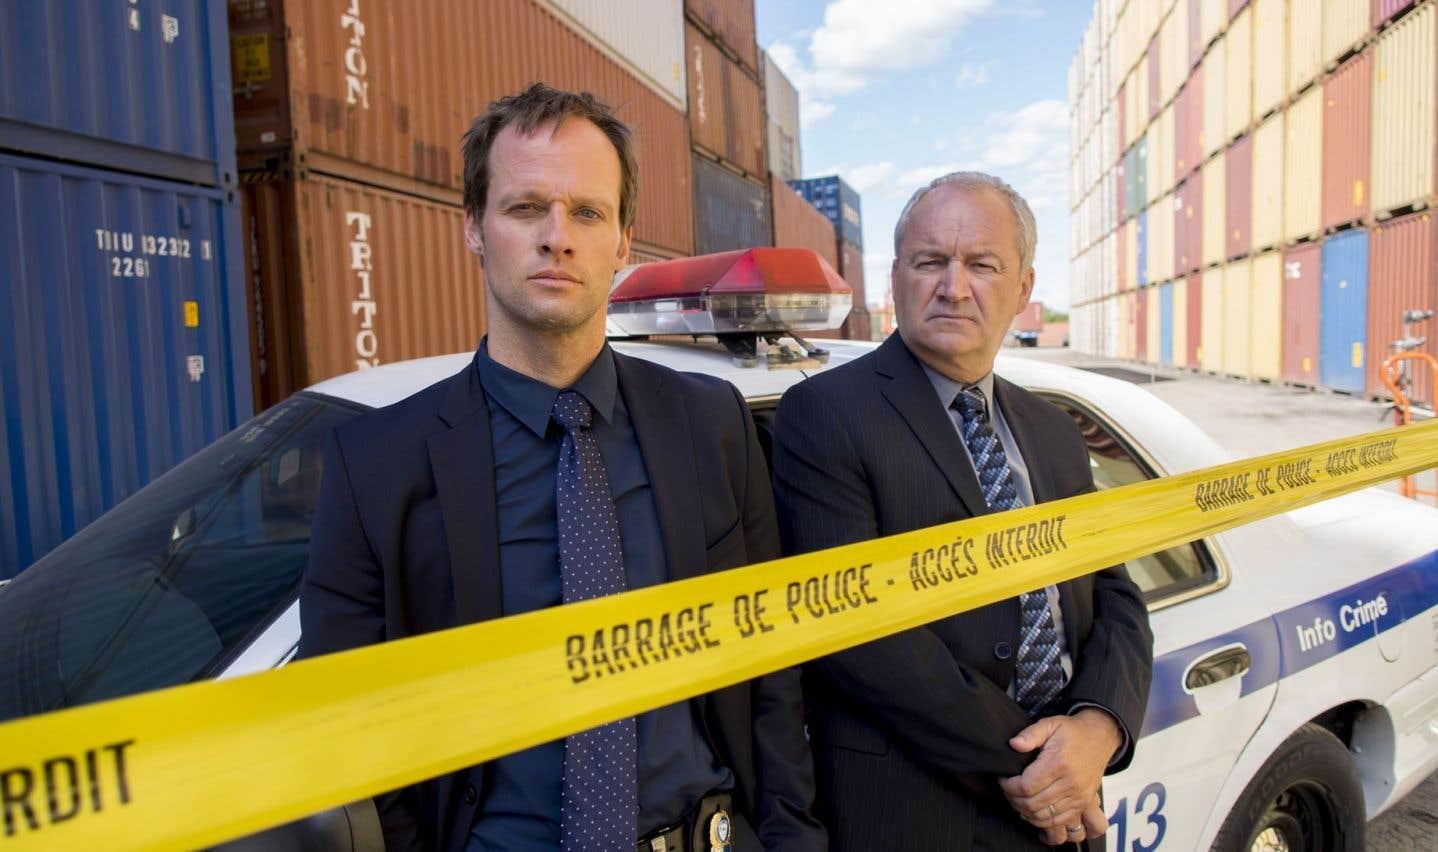 Les policiers Cadieux (David Boutin) et Beauvais (Michel Barrette) sont de retour pour la troisième saison du Gentleman. Cette fois, l'intrigue s'organise autour de deux enquêtes principales, en apparence sans lien entre elles.